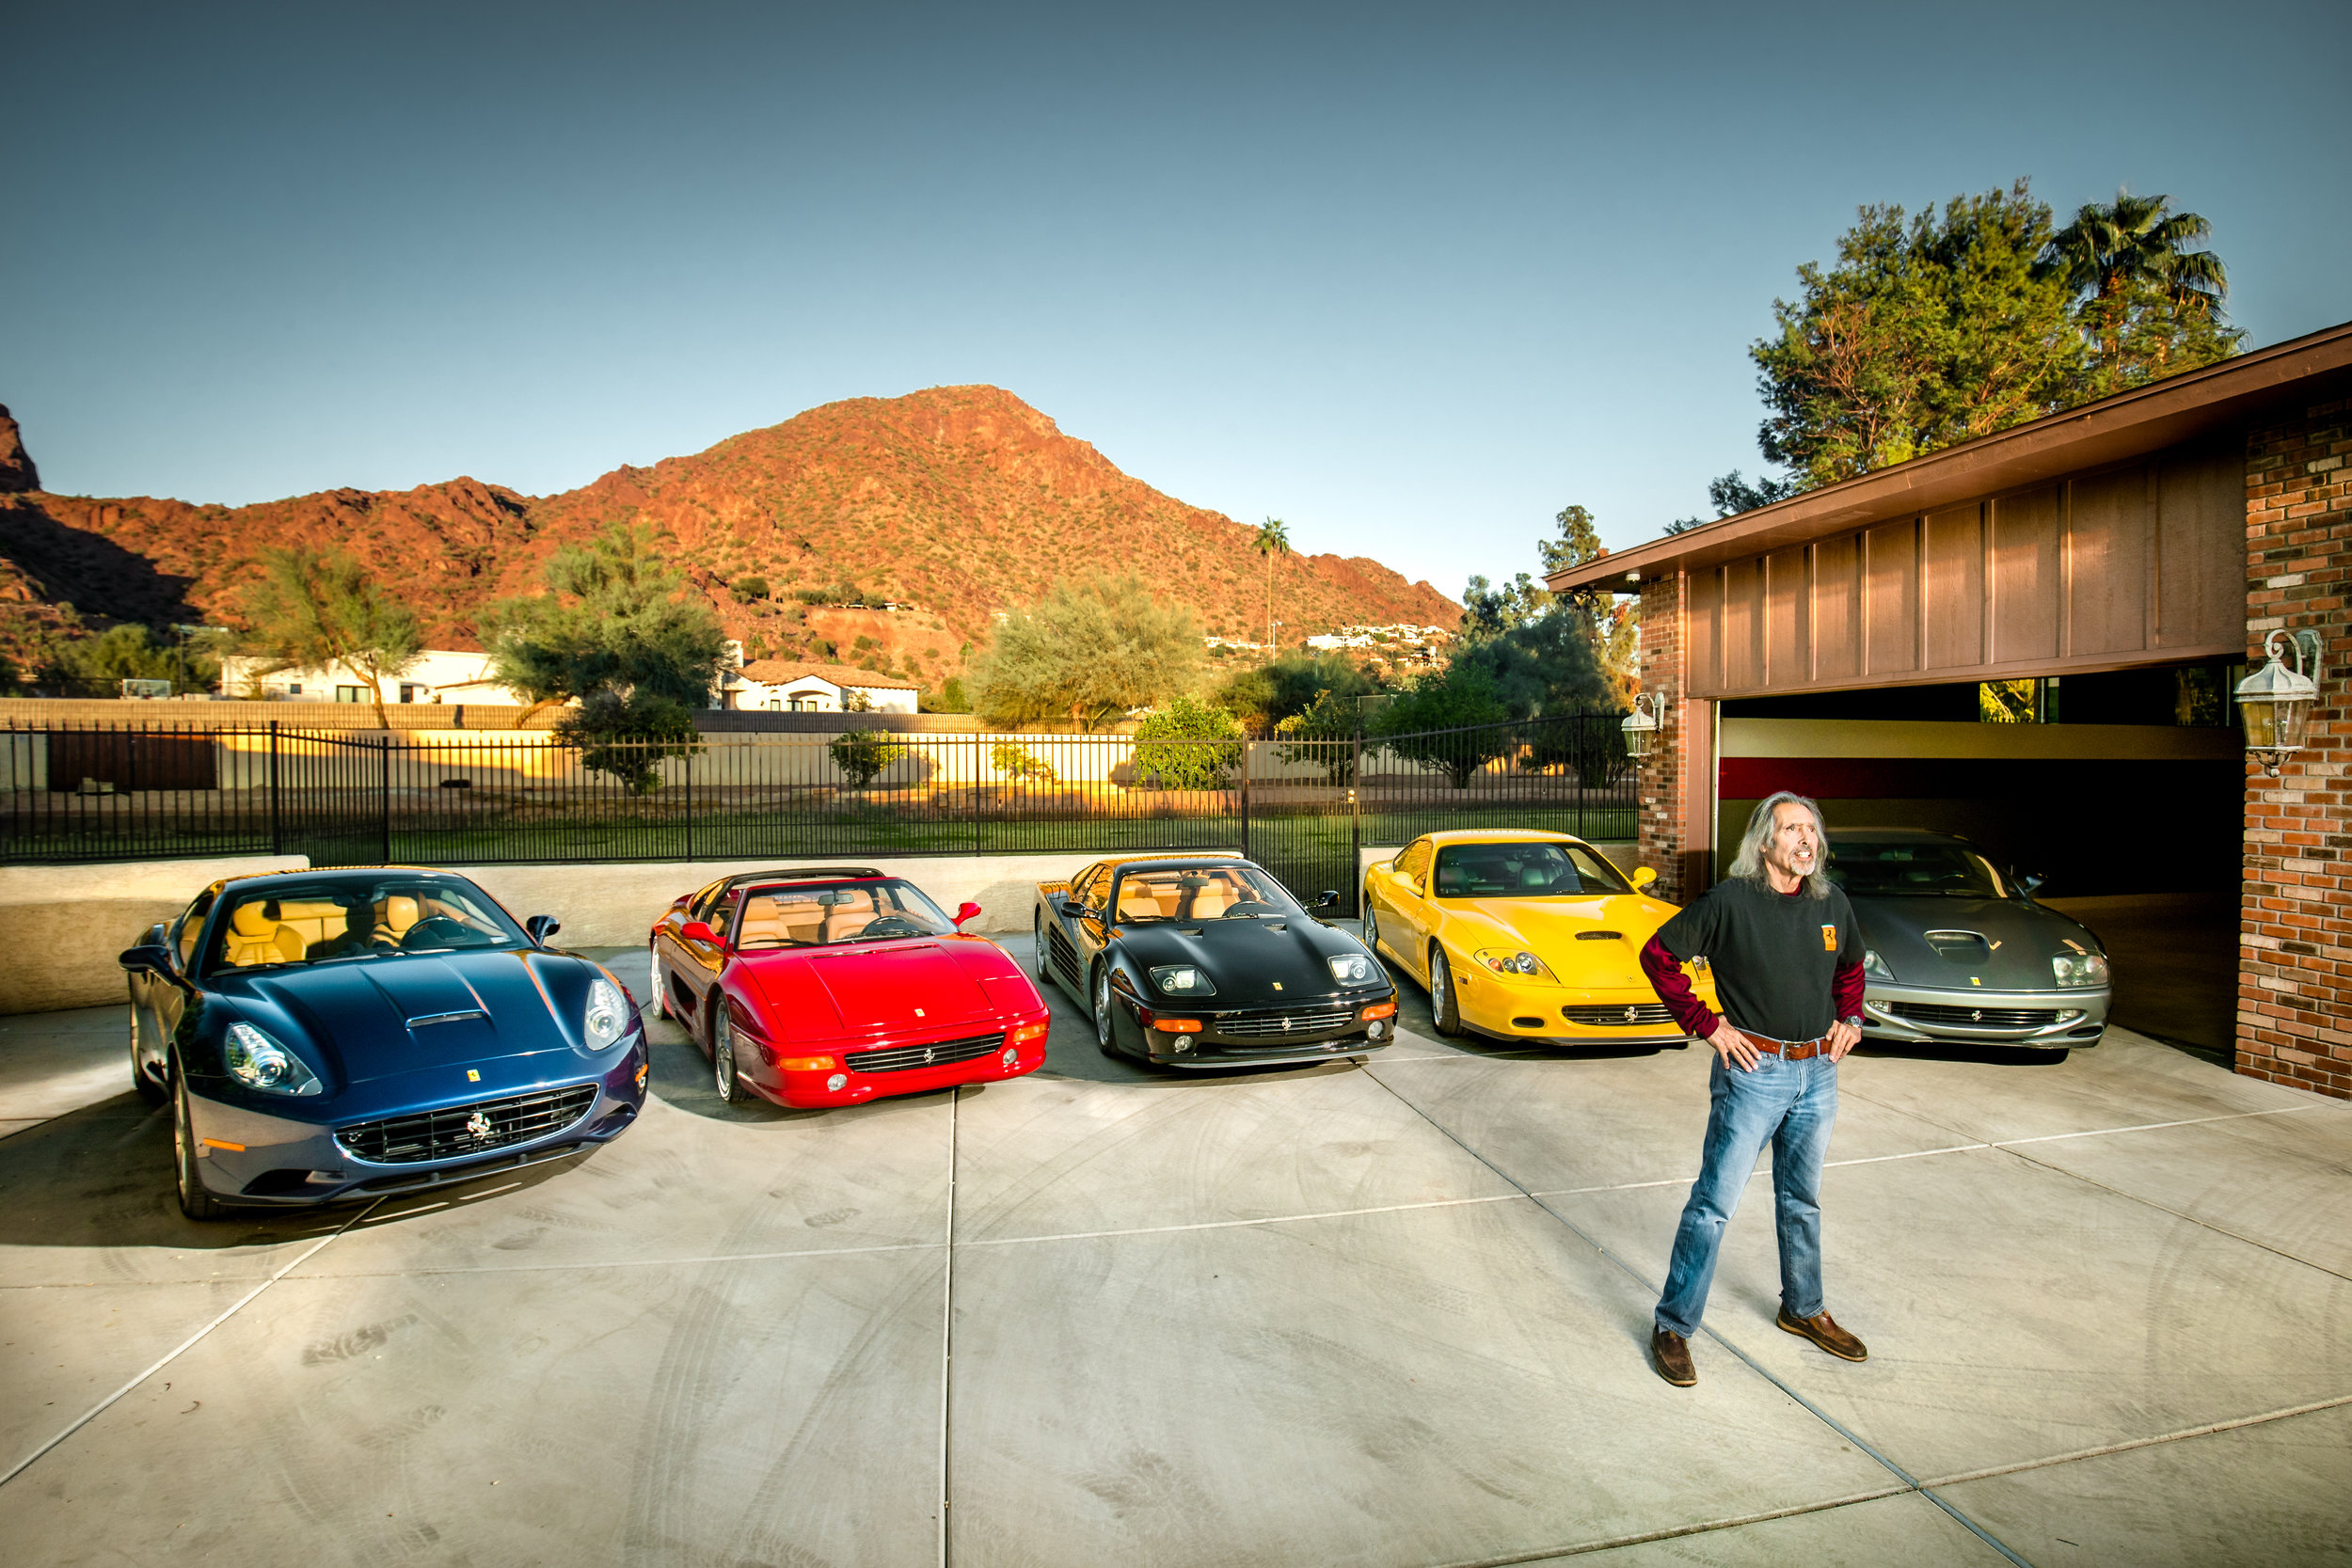 Highline Autos Great Garage Ferrari Collection-22.jpg